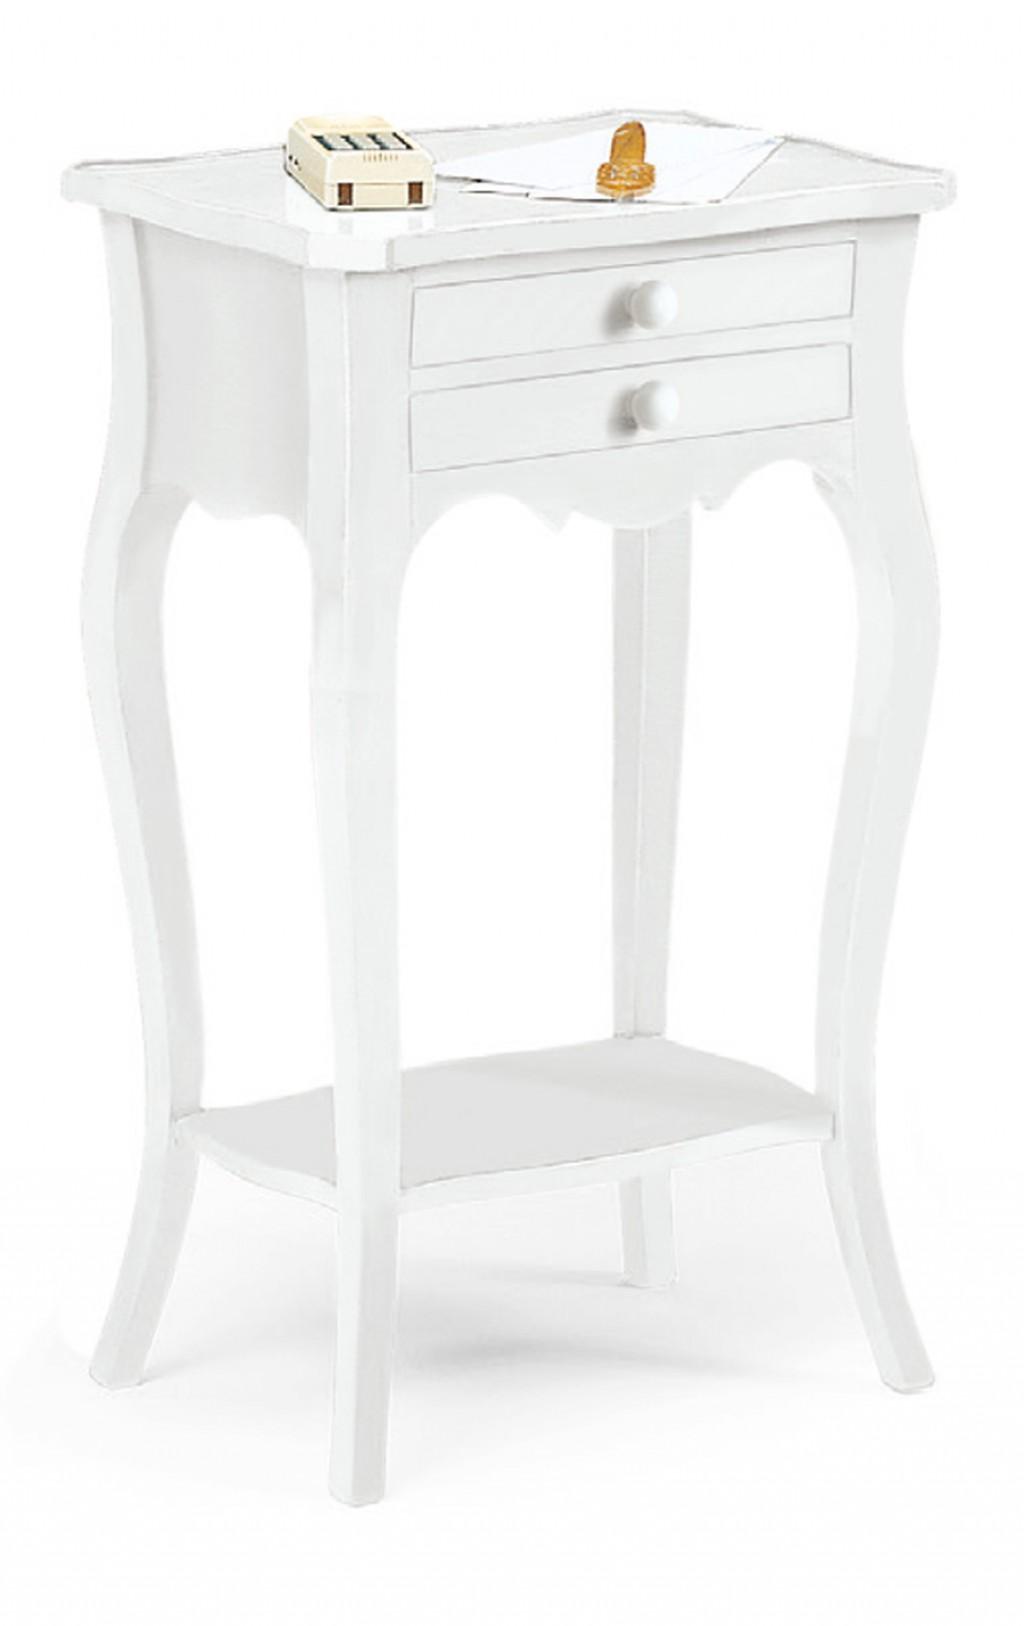 Tavolino fisso classico et1542 cucine mobili di for Mobili a poco prezzo milano